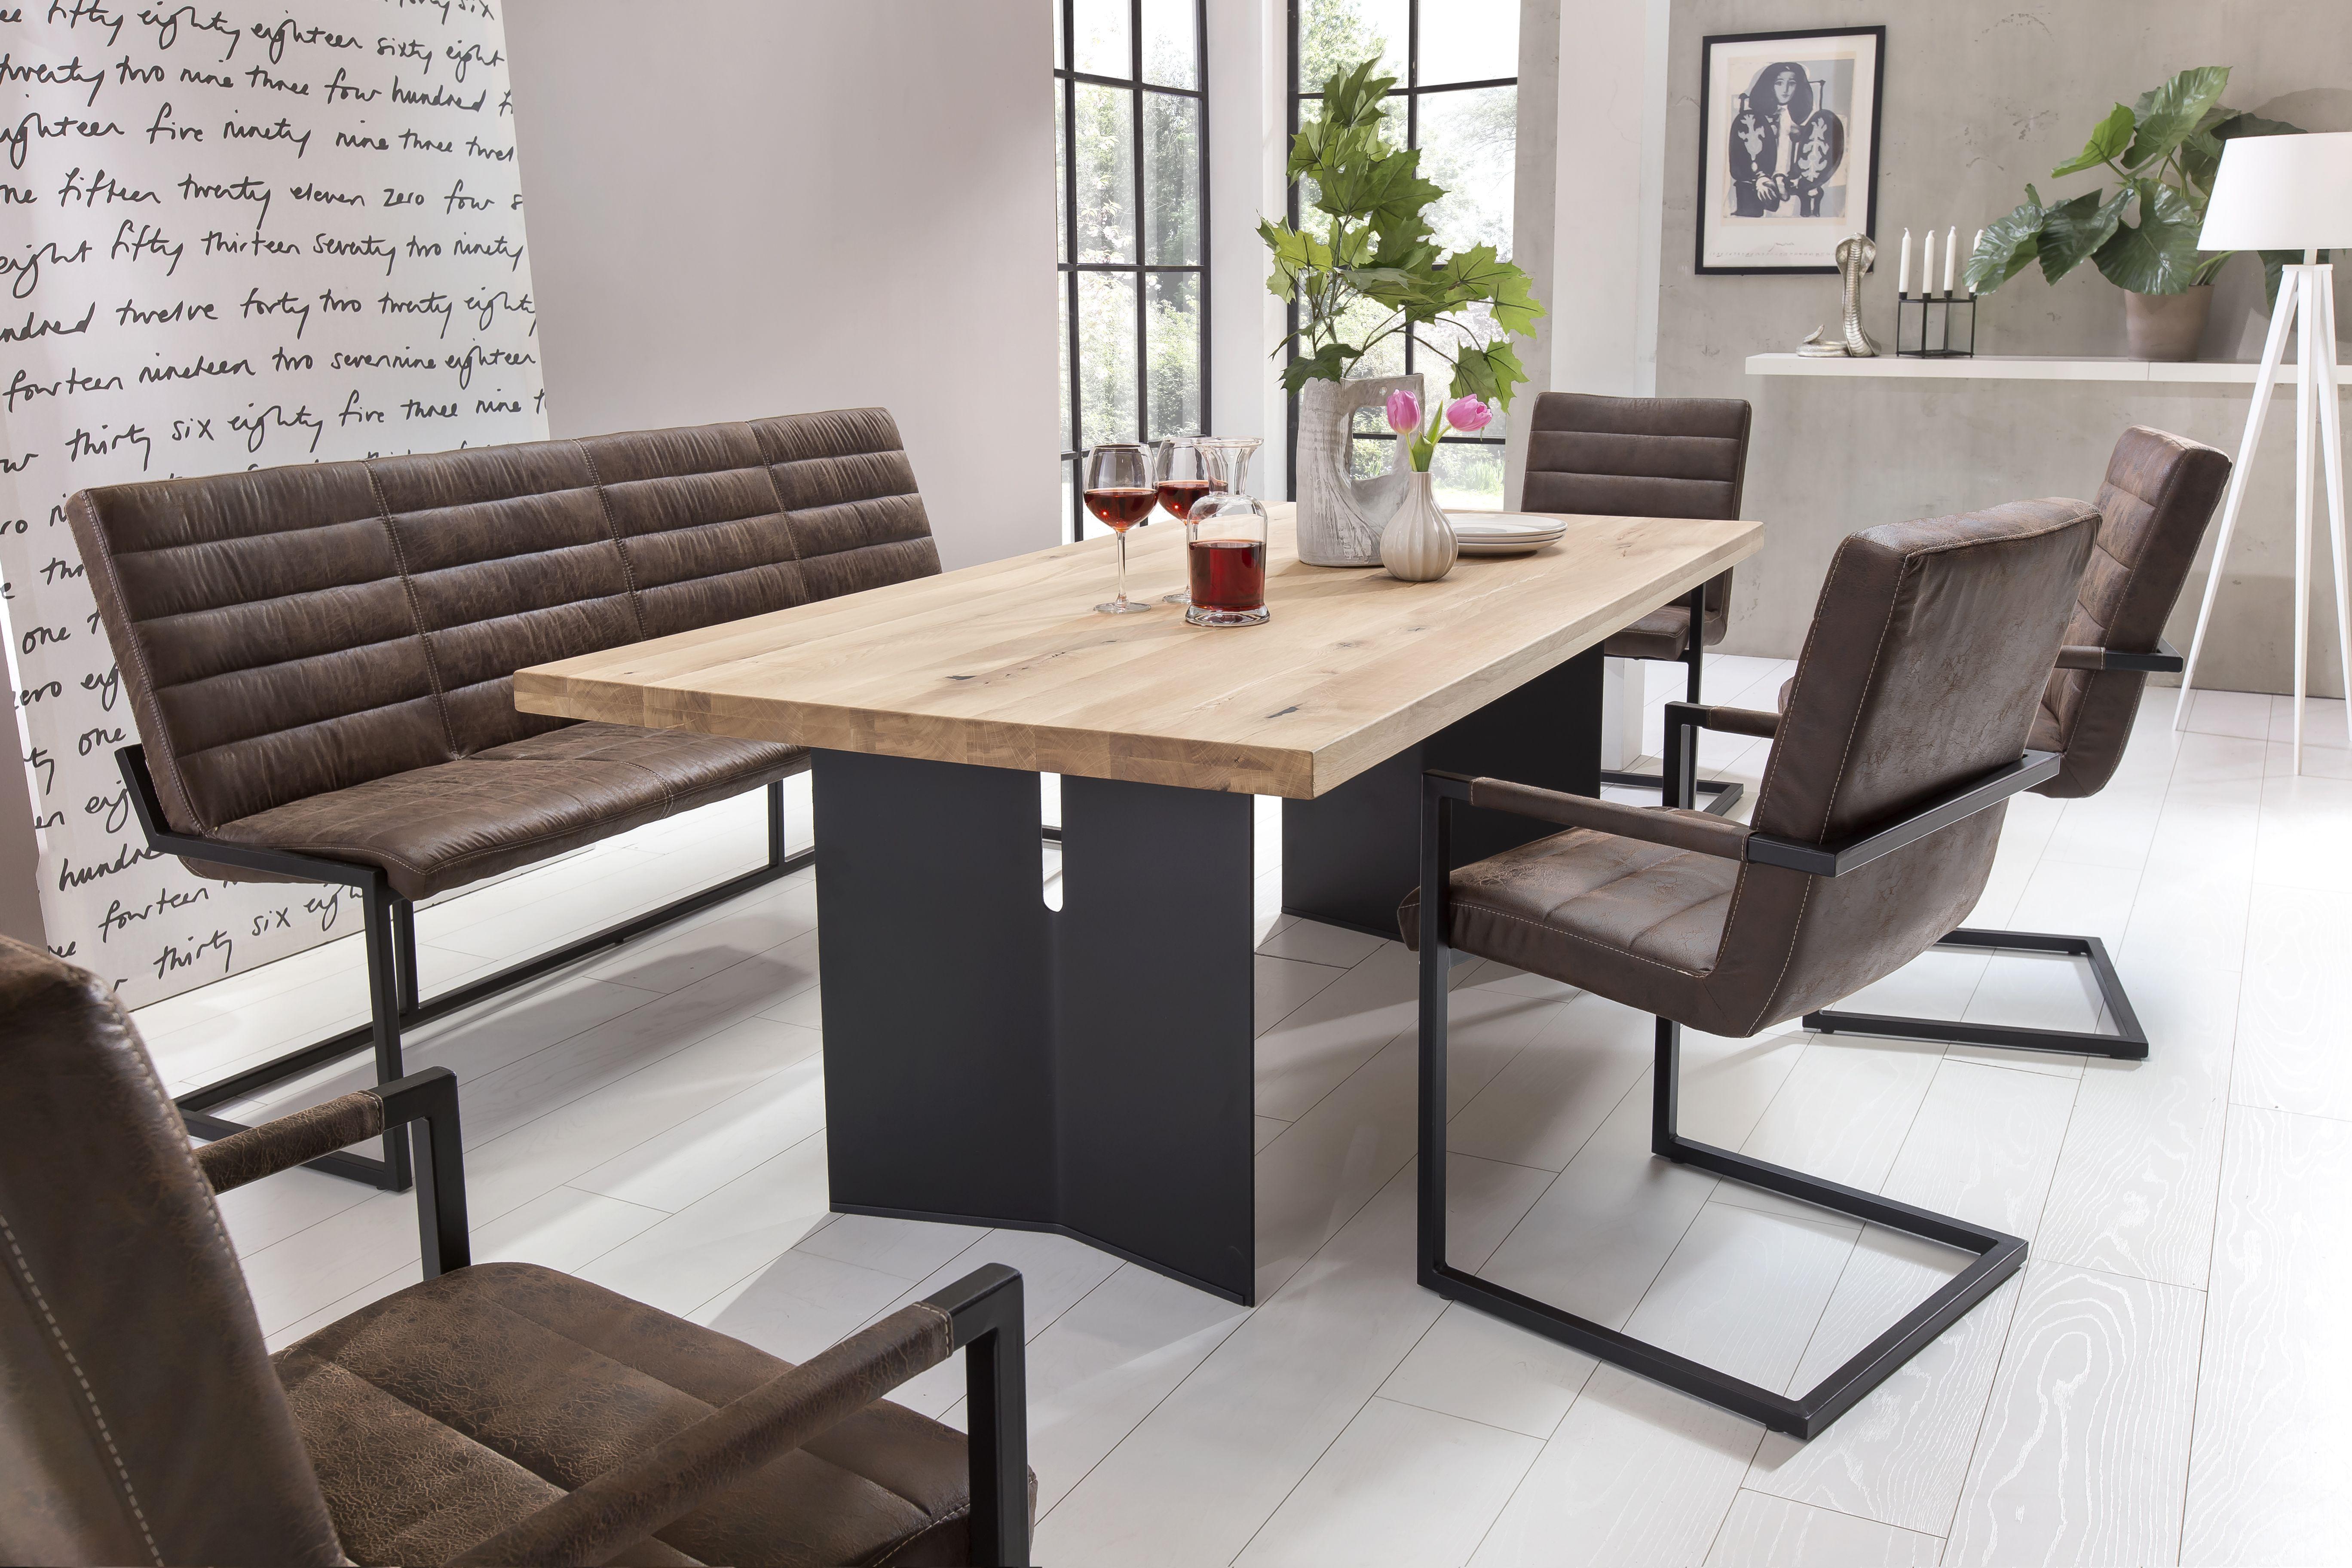 Tisch modern Eiche massiv. Esstisch Metallbeine schwarz